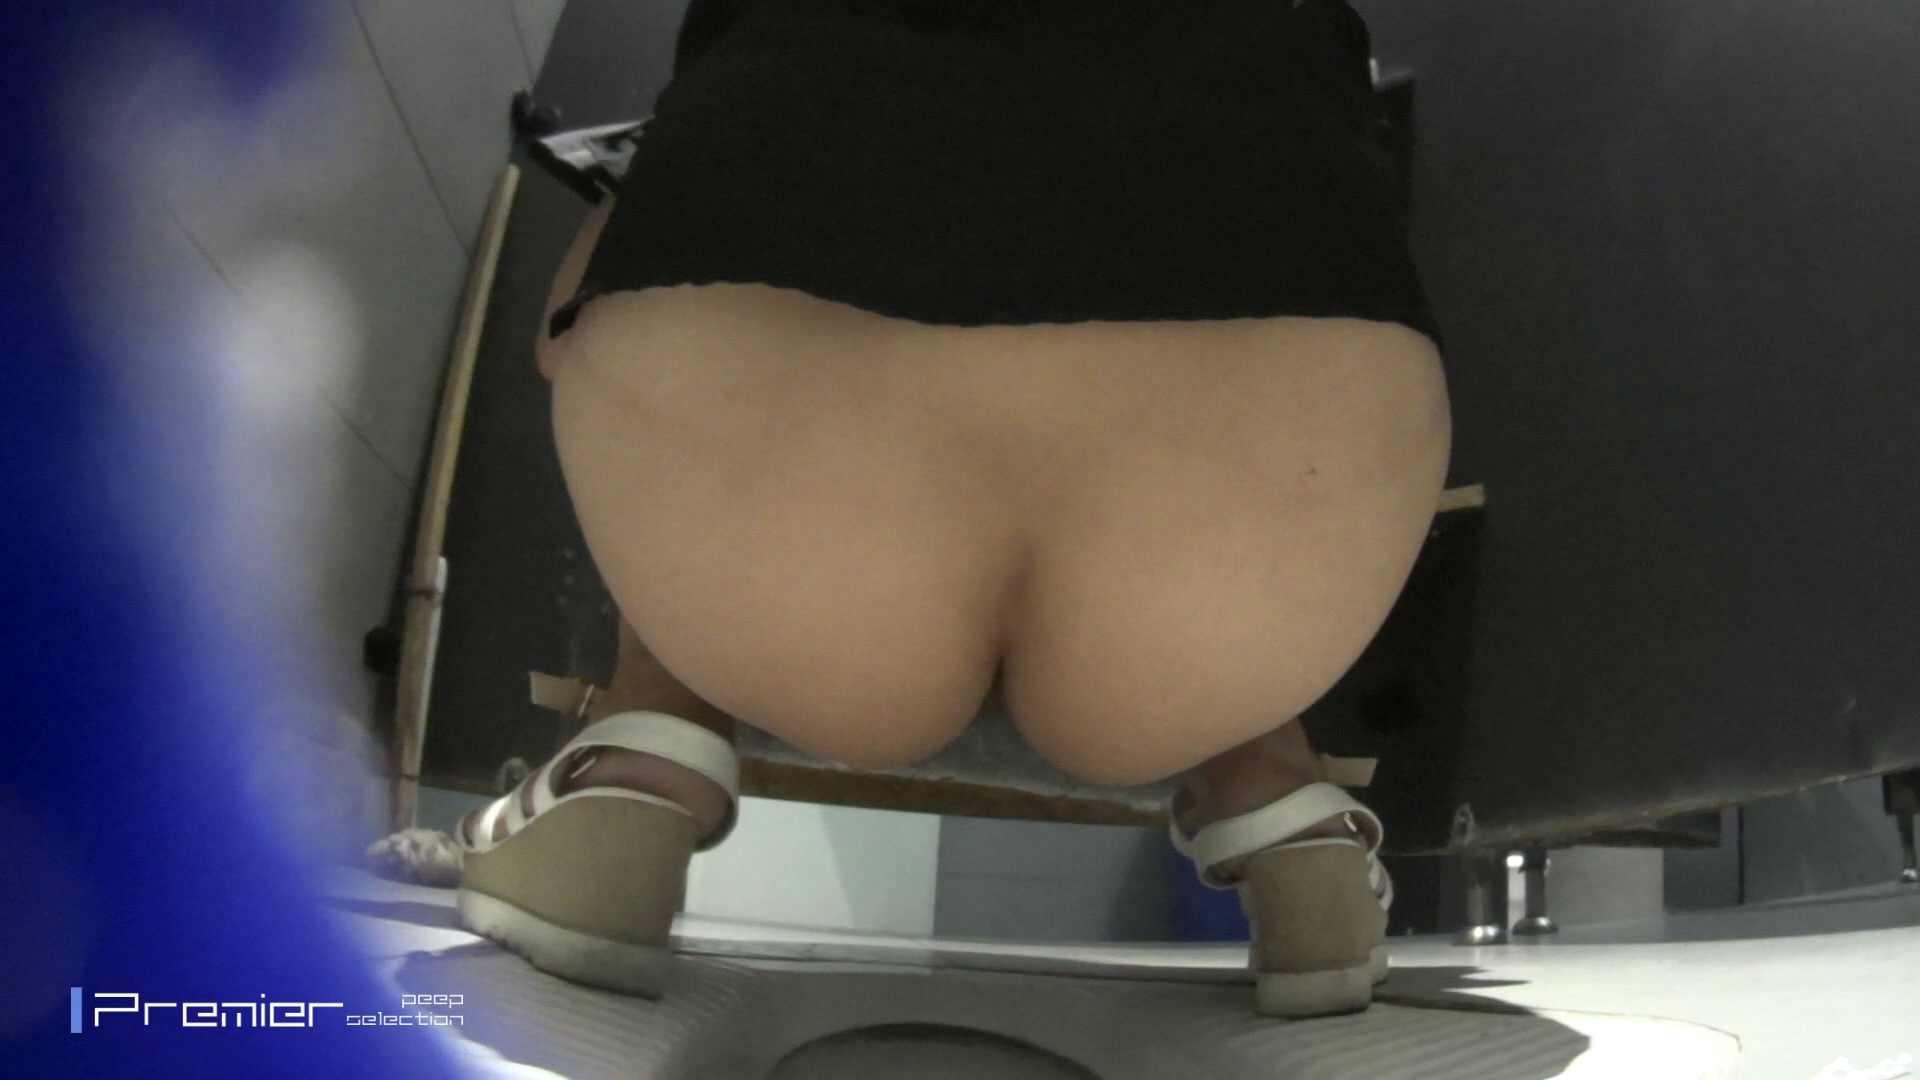 お尻にチリ紙をつけてる美女 大学休憩時間の洗面所事情54 高画質 アダルト動画キャプチャ 112画像 8